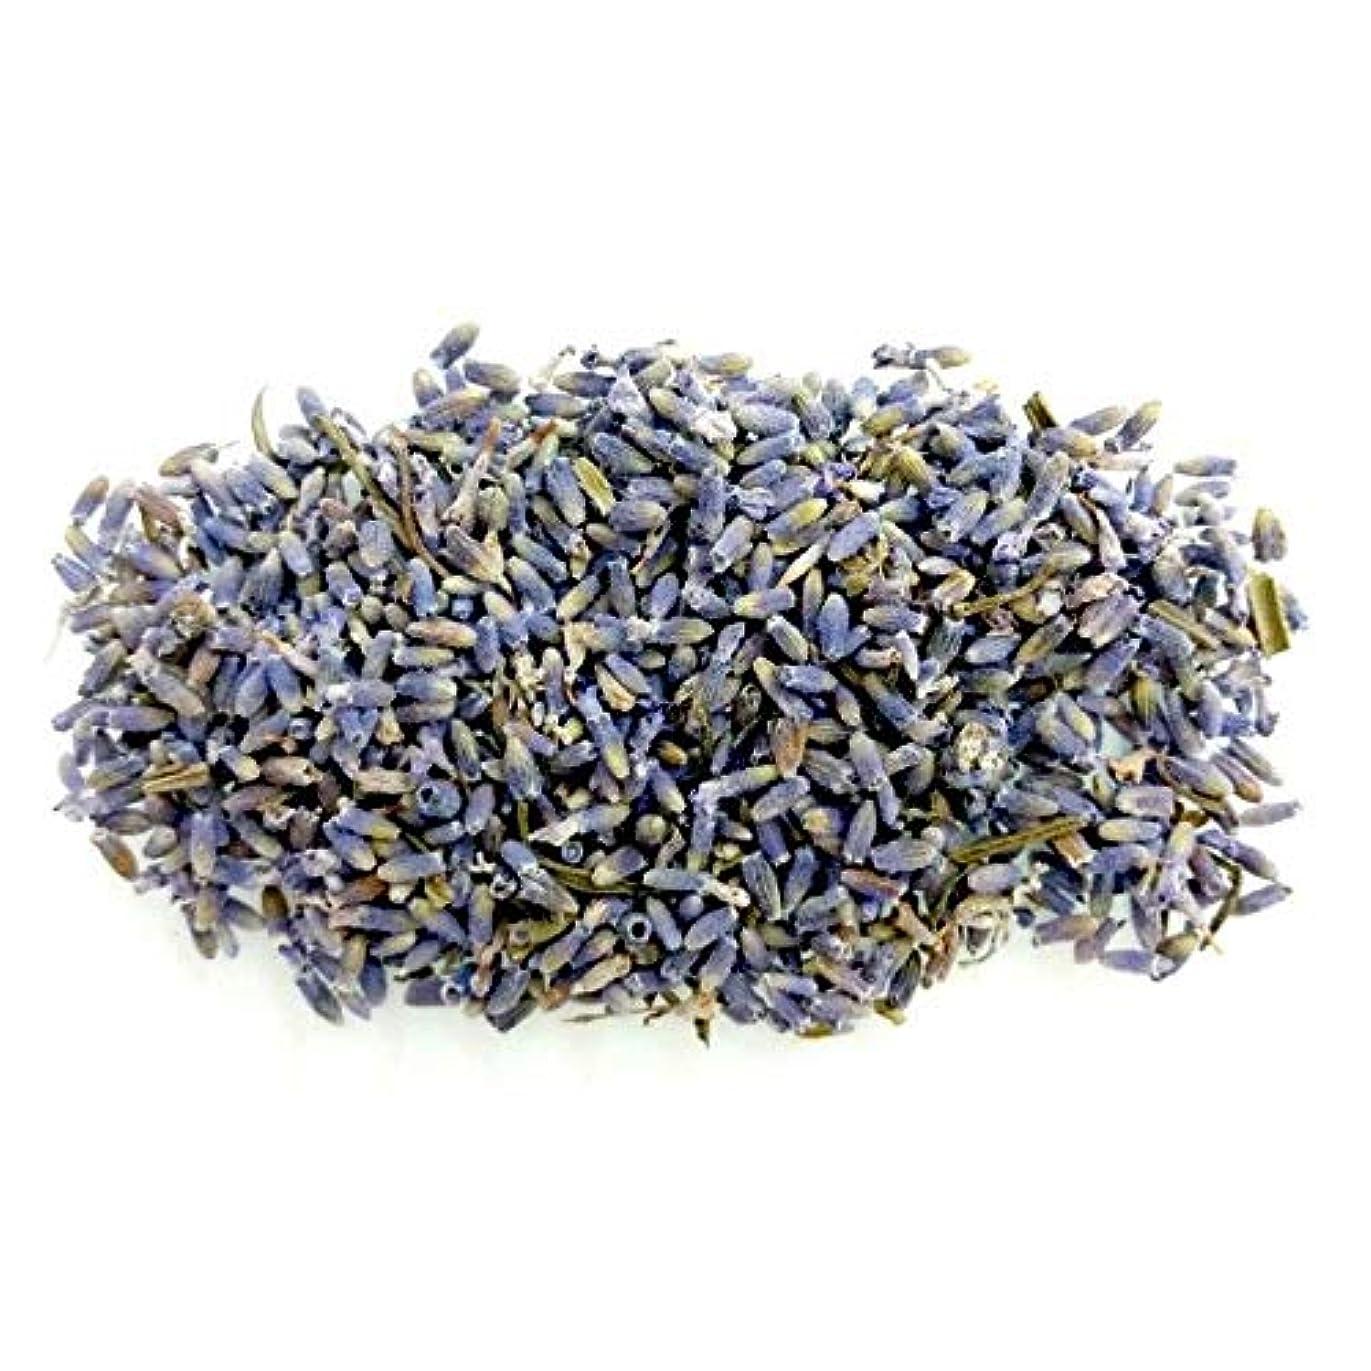 棚相続人艦隊種子パッケージ:ラベンダーの香り-Incense Magikal Seedion儀式ウィッカパガンゴス祭壇